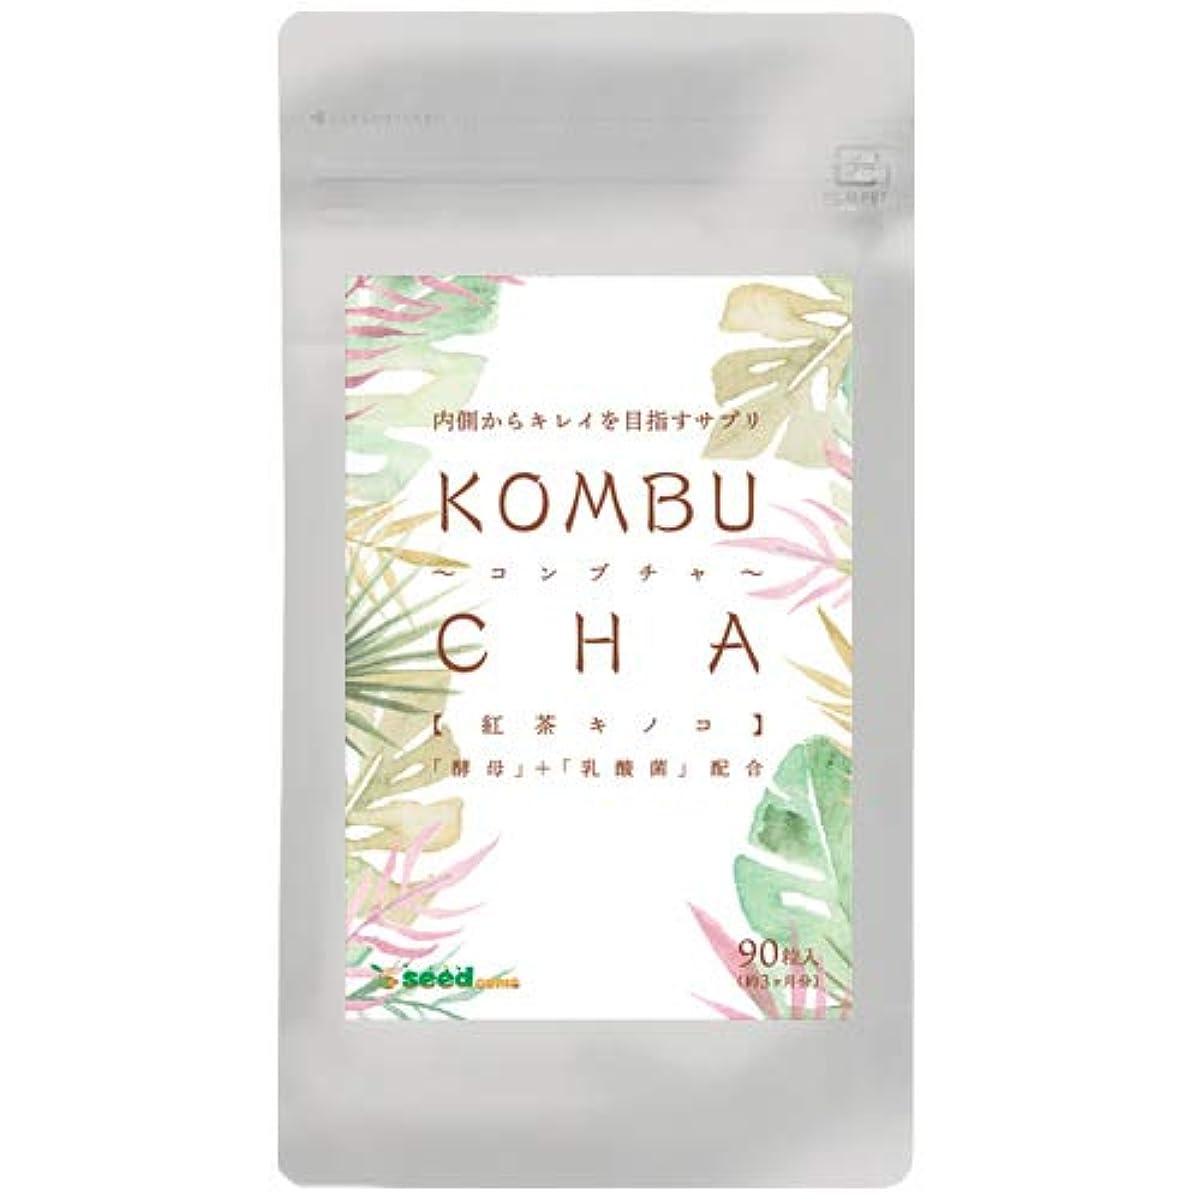 実行可能フレームワーク子羊コンブチャ (約3ケ月分/90粒) 紅茶キノコ 酵母と乳酸菌配合